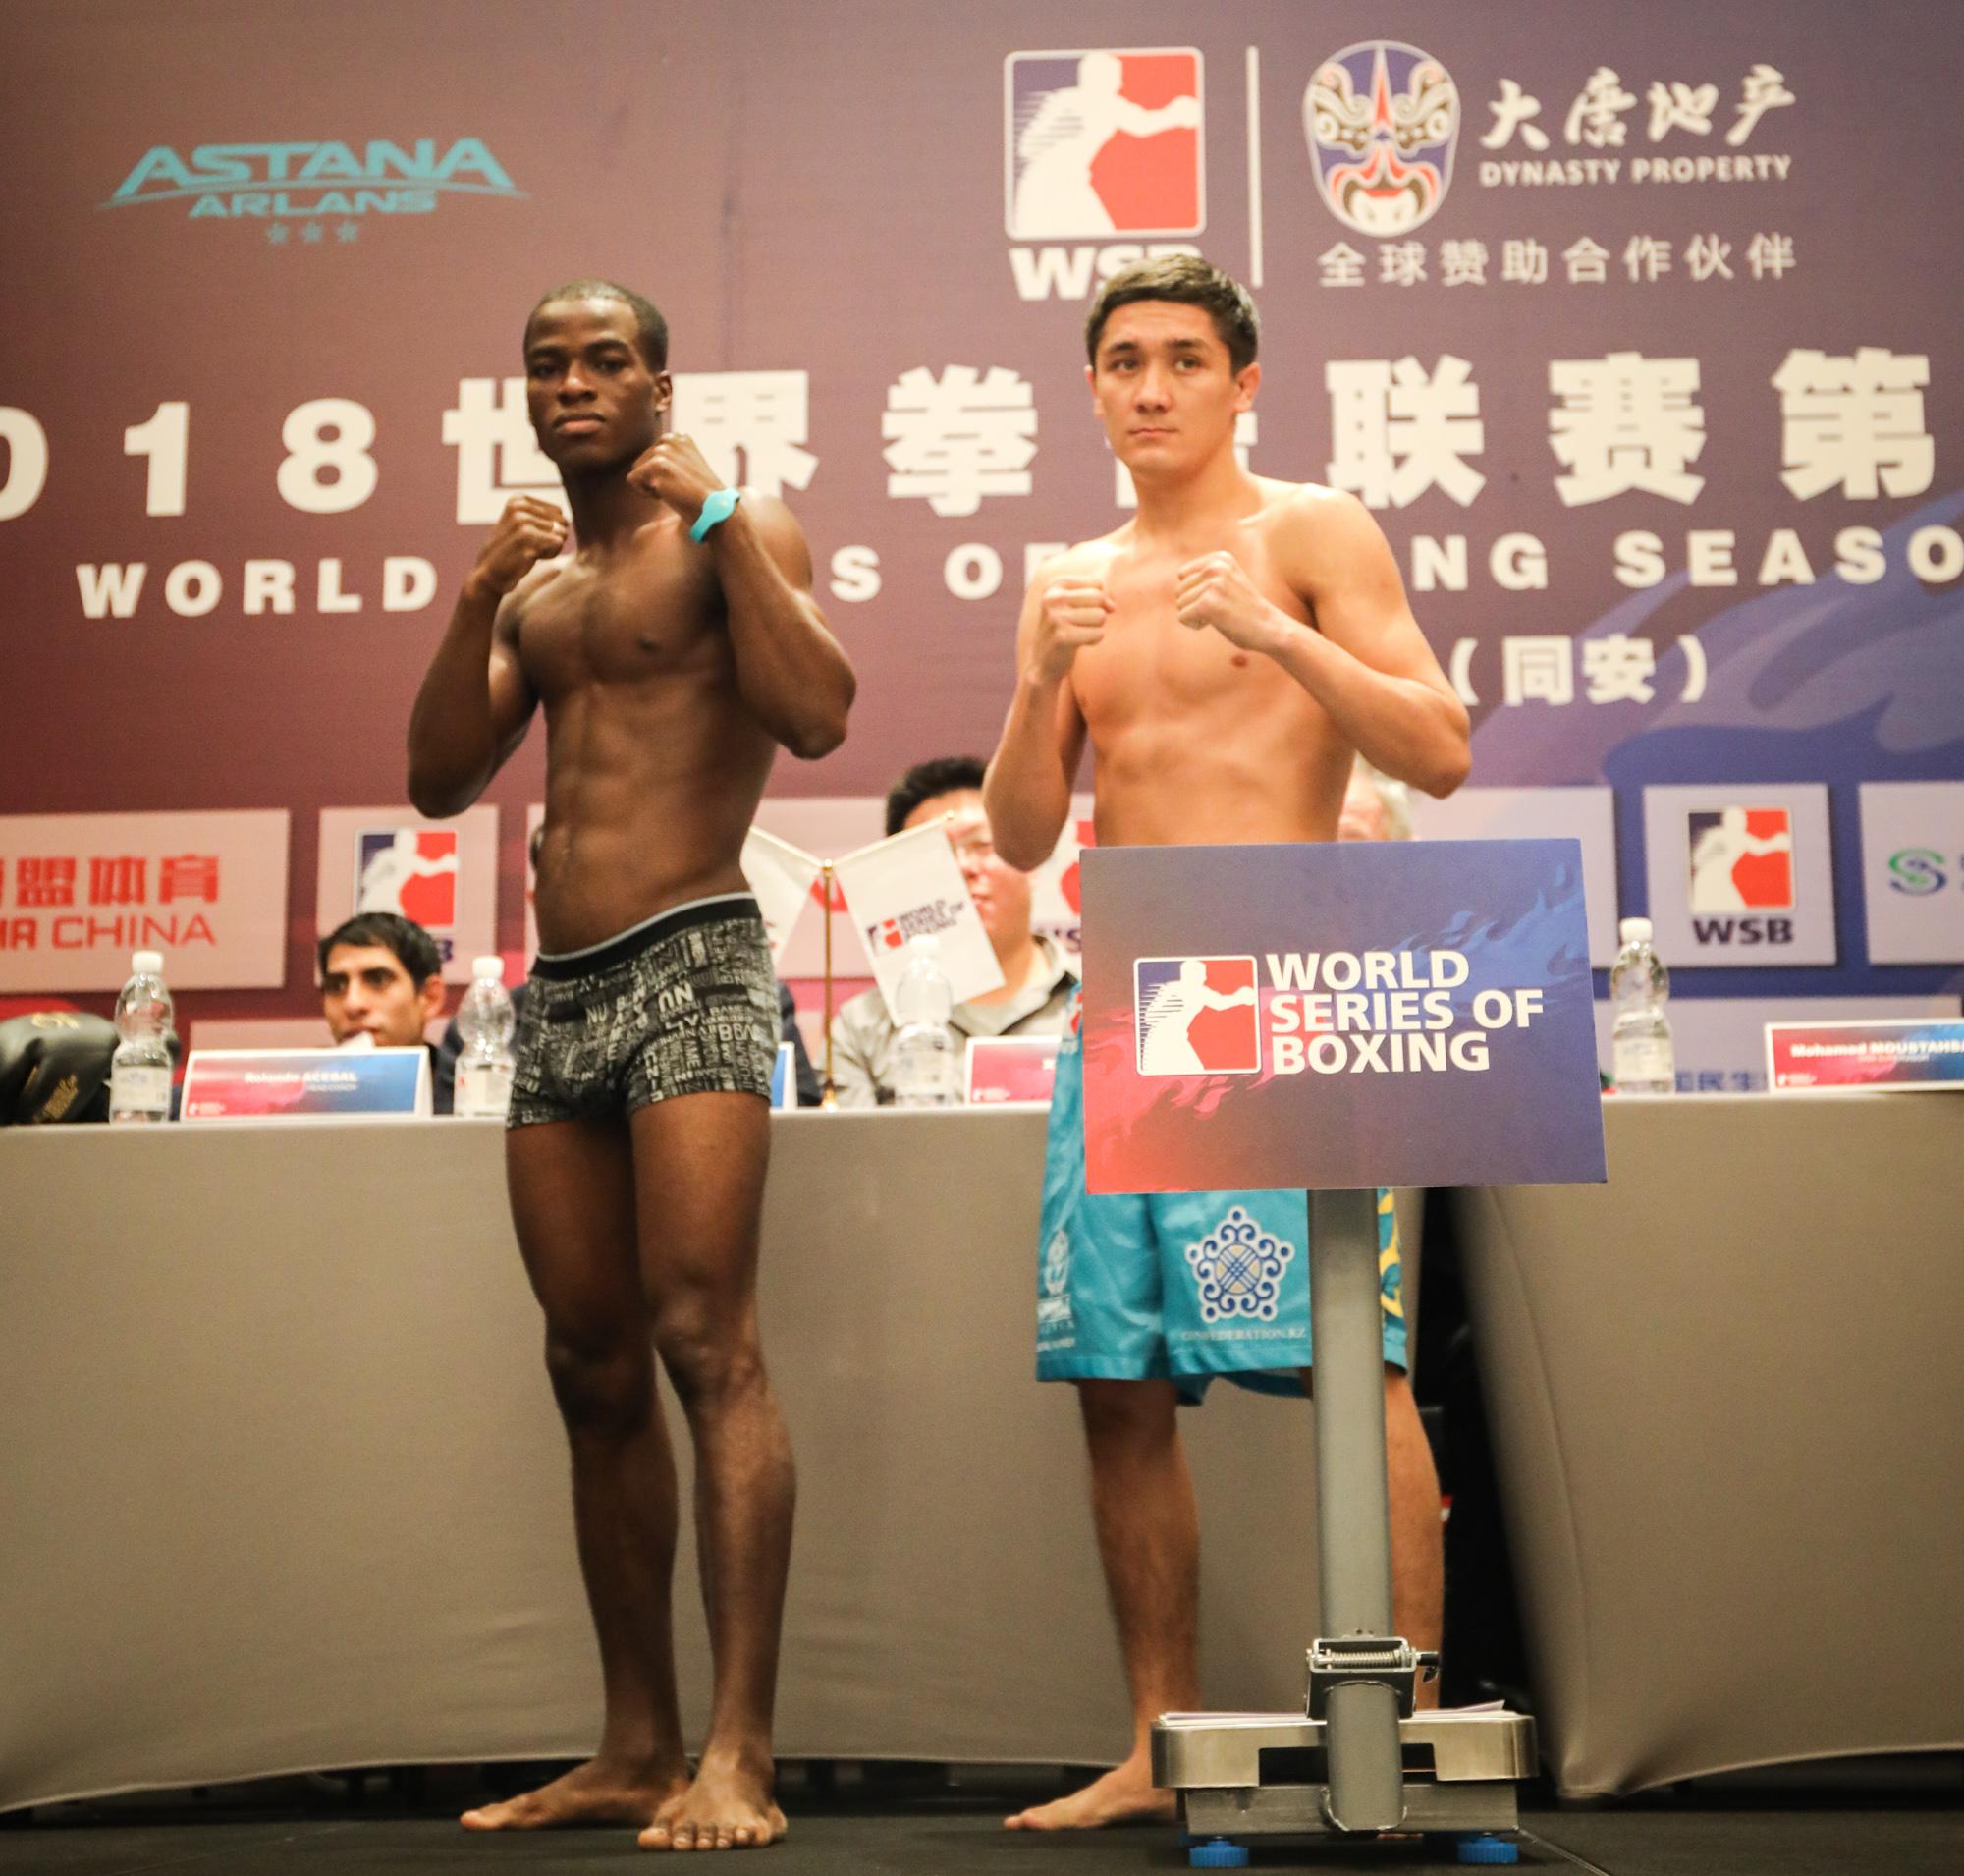 世界拳击联赛总决赛哈萨克大战古巴 称重仪式硝烟弥漫